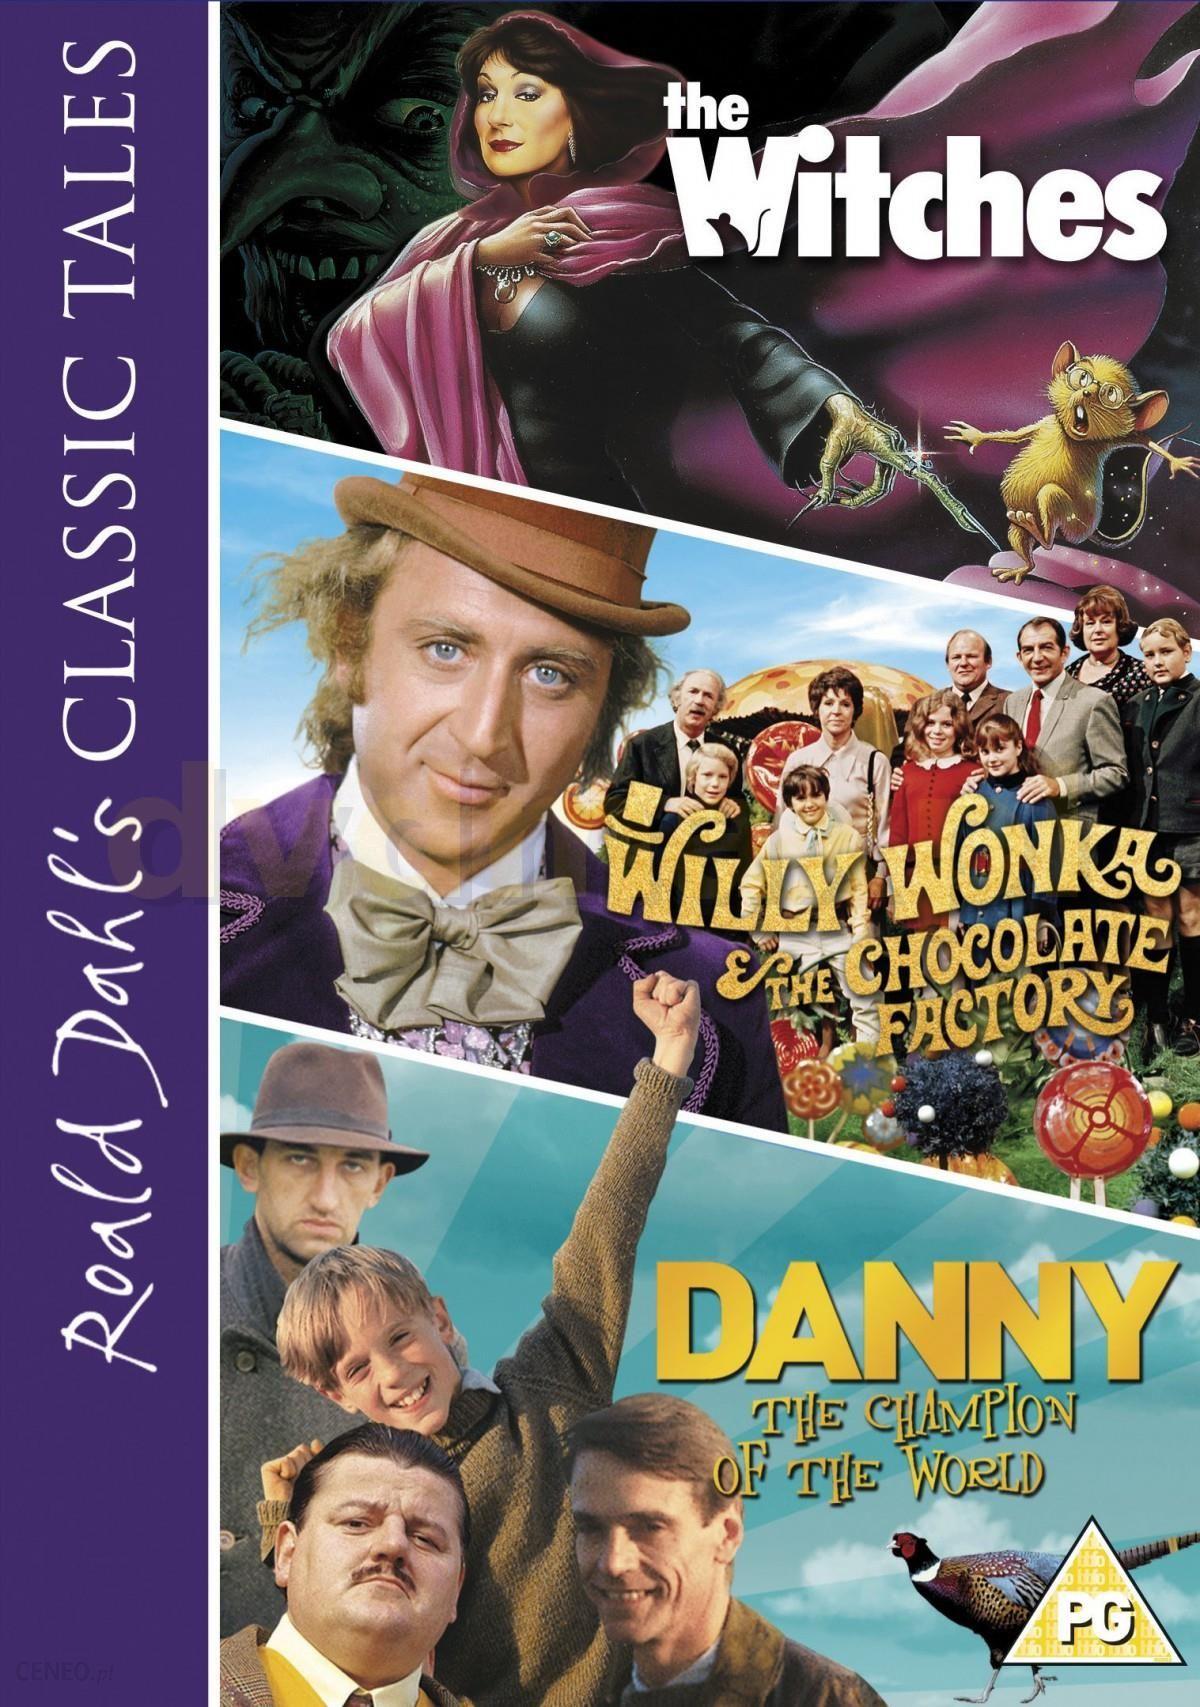 najlepiej online najlepiej sprzedający się sklep Film DVD Roald Dahl's Classic Tales: Danny Champion of the World / The  Witches / Willy Wonka and the Chocolate Factory [3DVD] - Ceny i opinie - ...